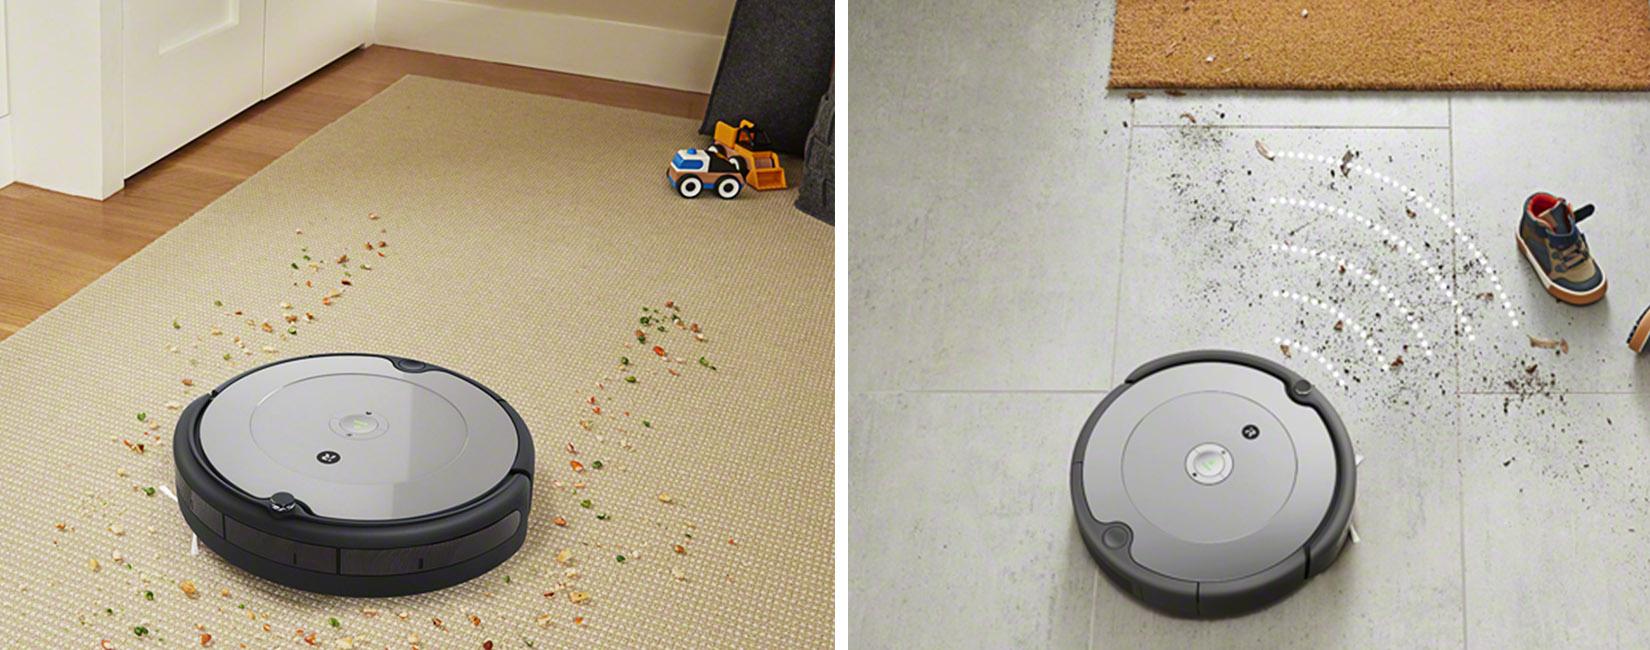 iRobot Roomba 698 находит наиболее загрязненные участки